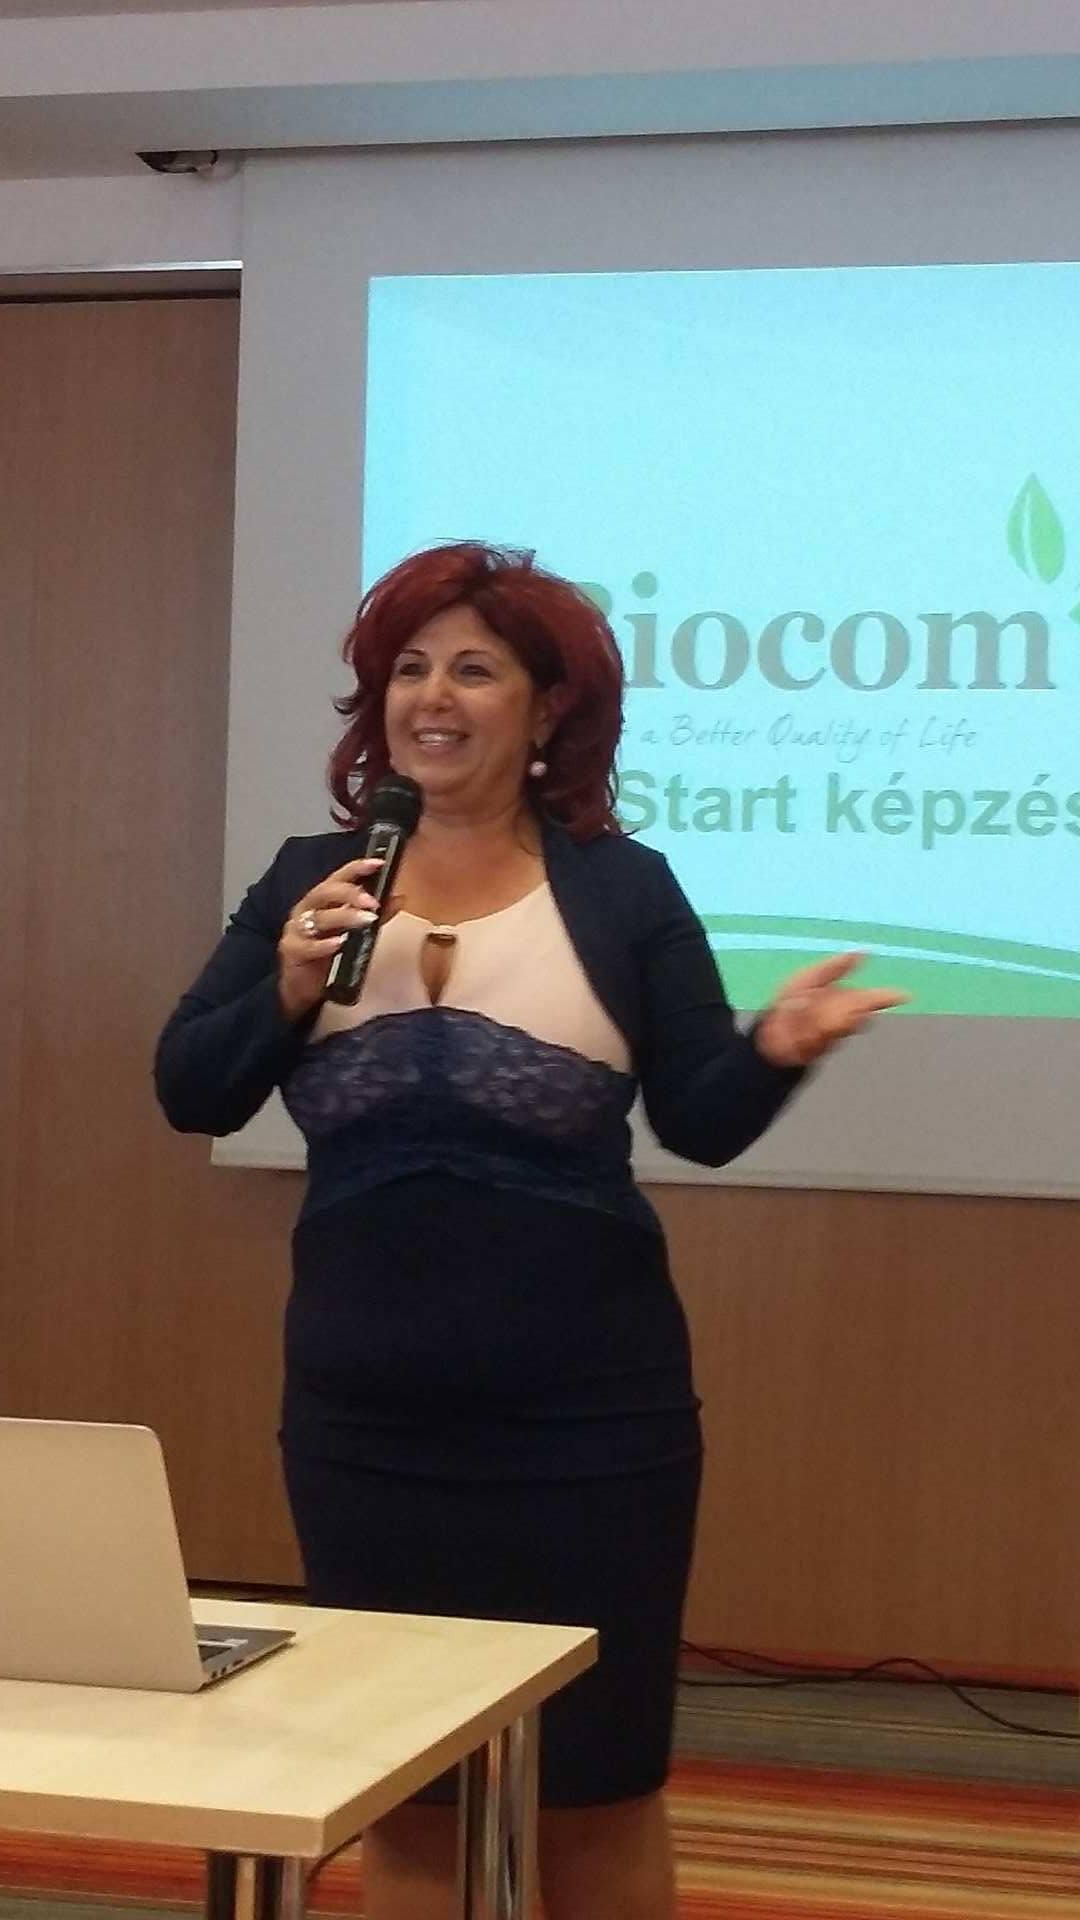 Hogyan építsd fel az életed a Biocommal? Molnárné Andrea ágvezető színesen és szívesen elmondta…